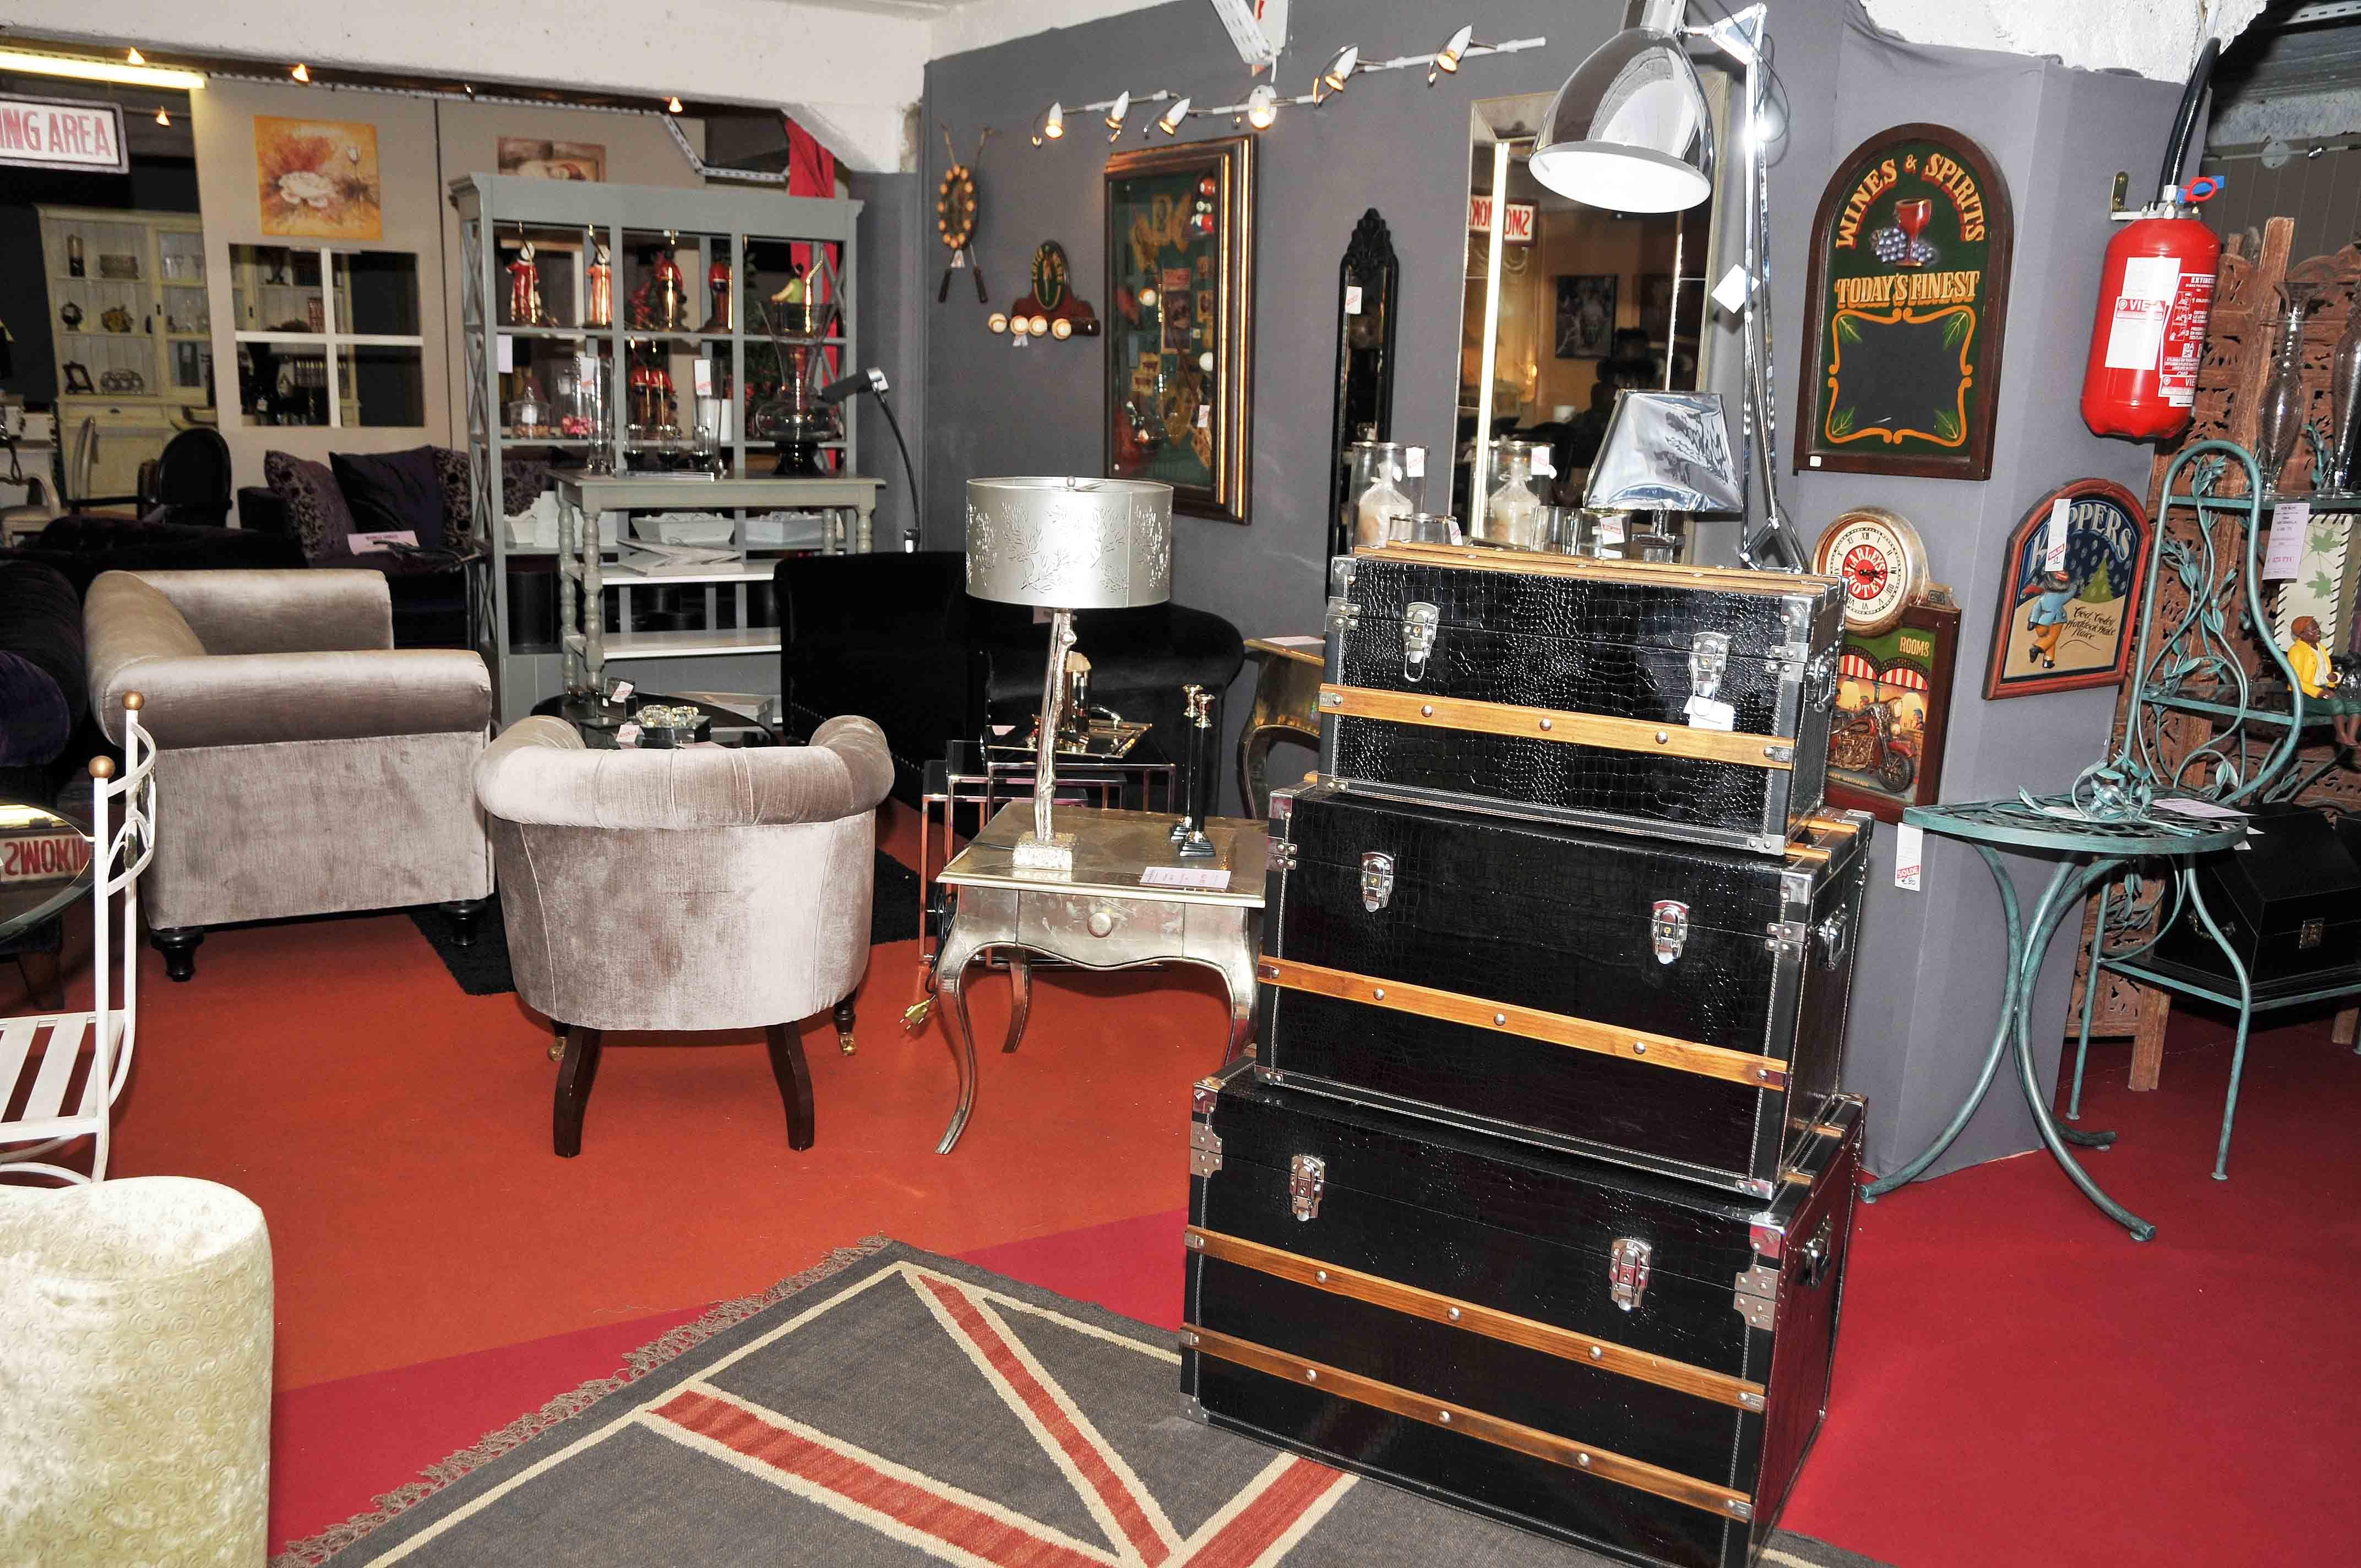 Objets de décoration de style anglais tels que nos coffres et